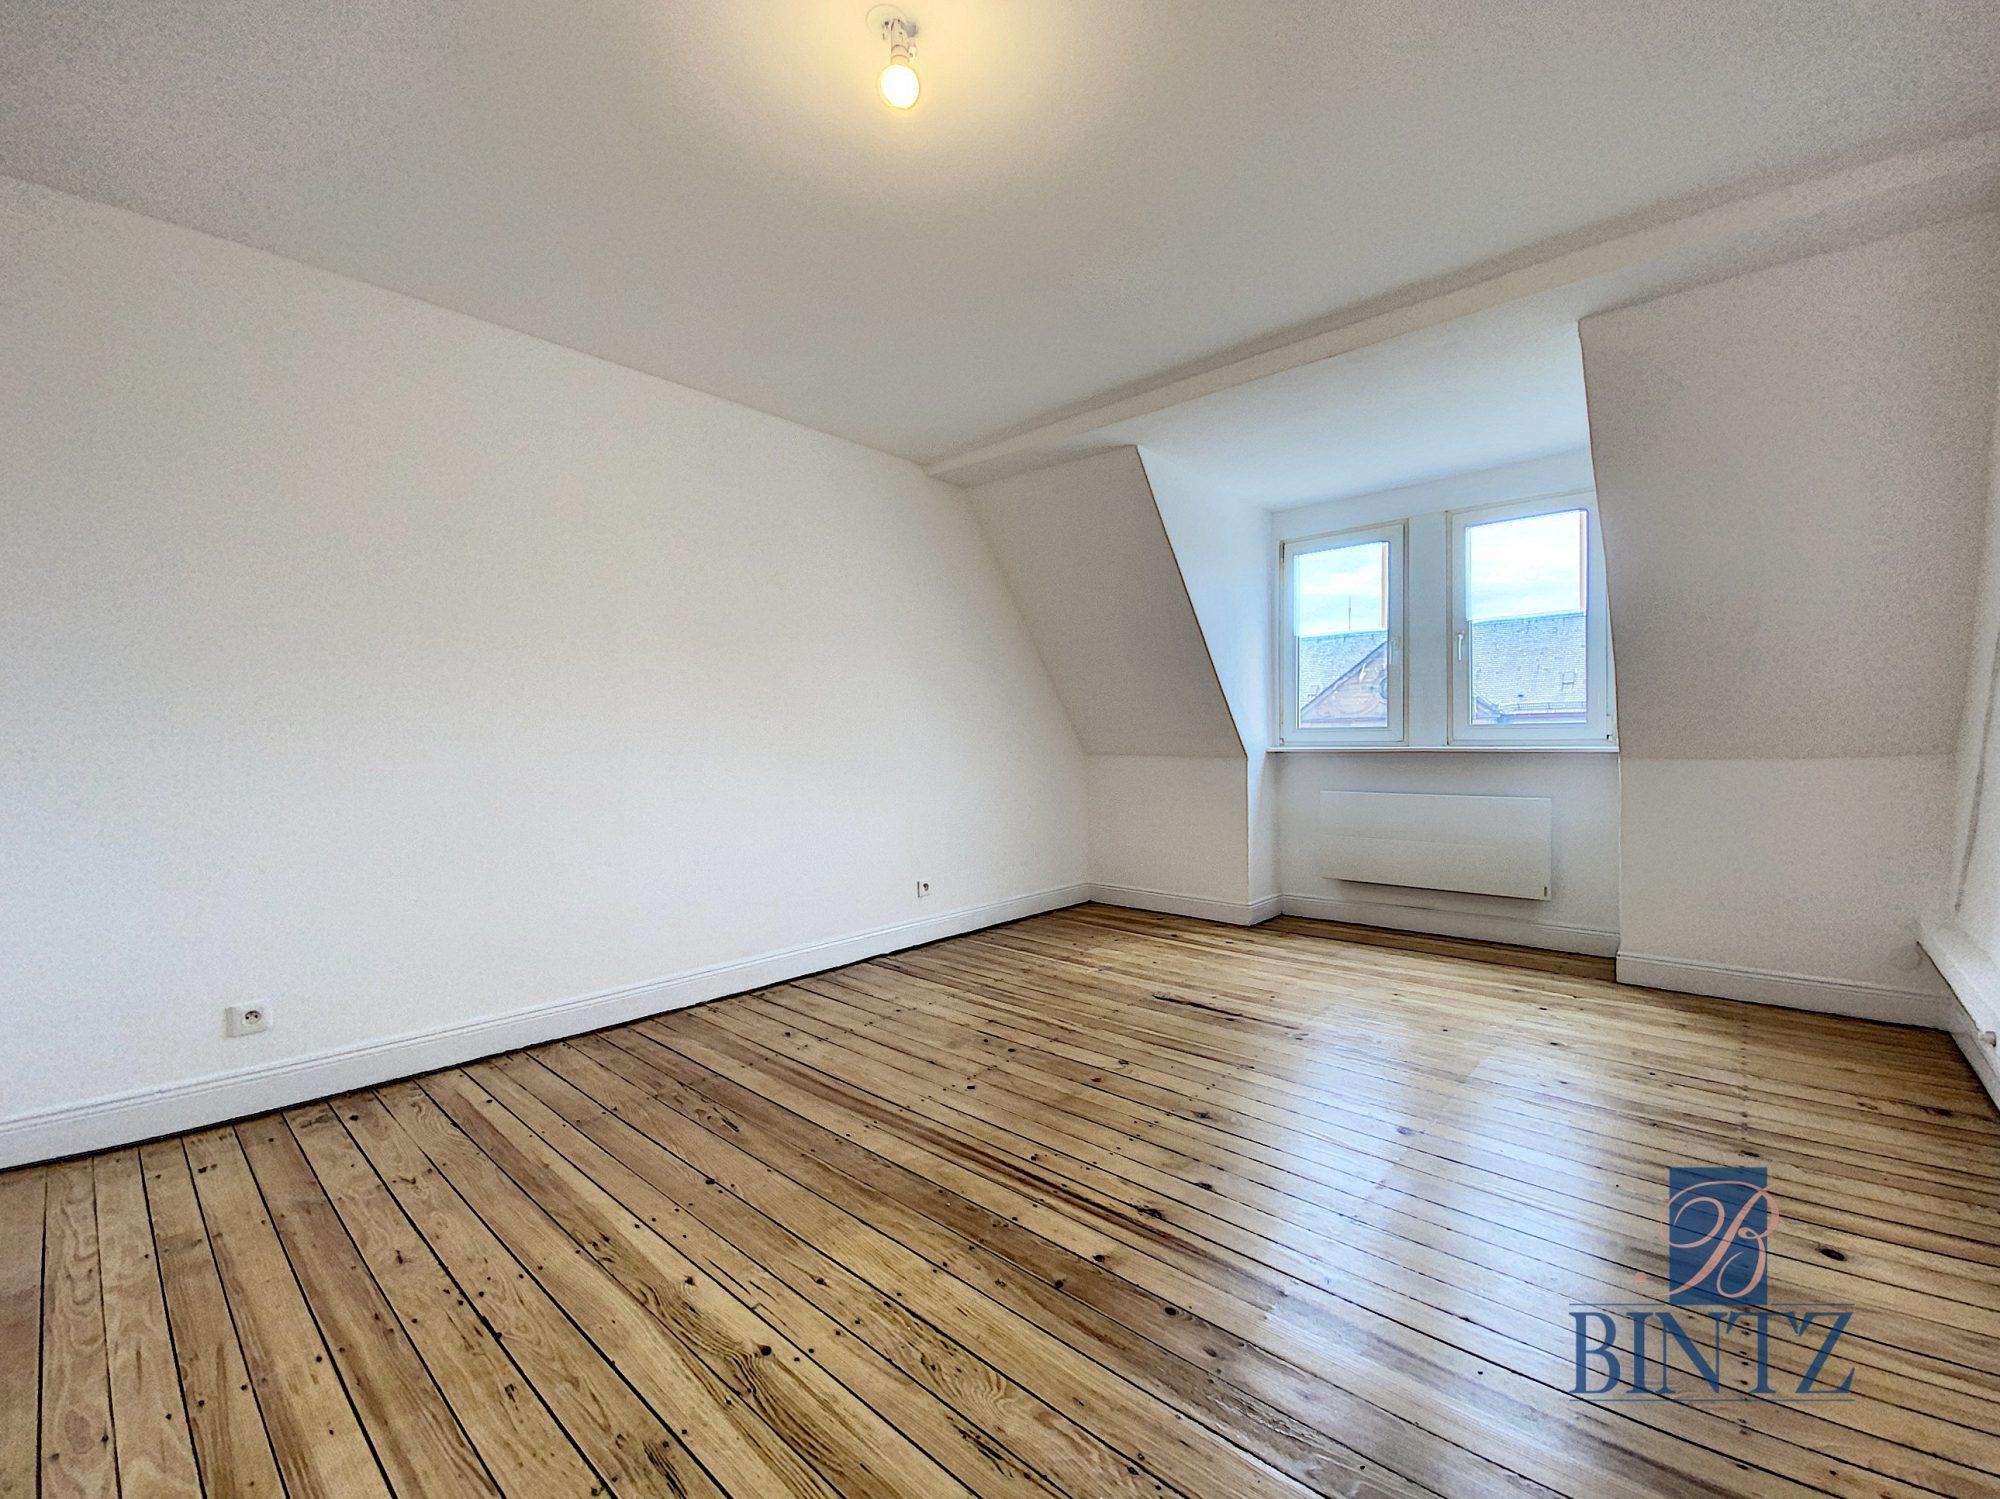 T3 BD LEBLOIS 5EME - Devenez locataire en toute sérénité - Bintz Immobilier - 1